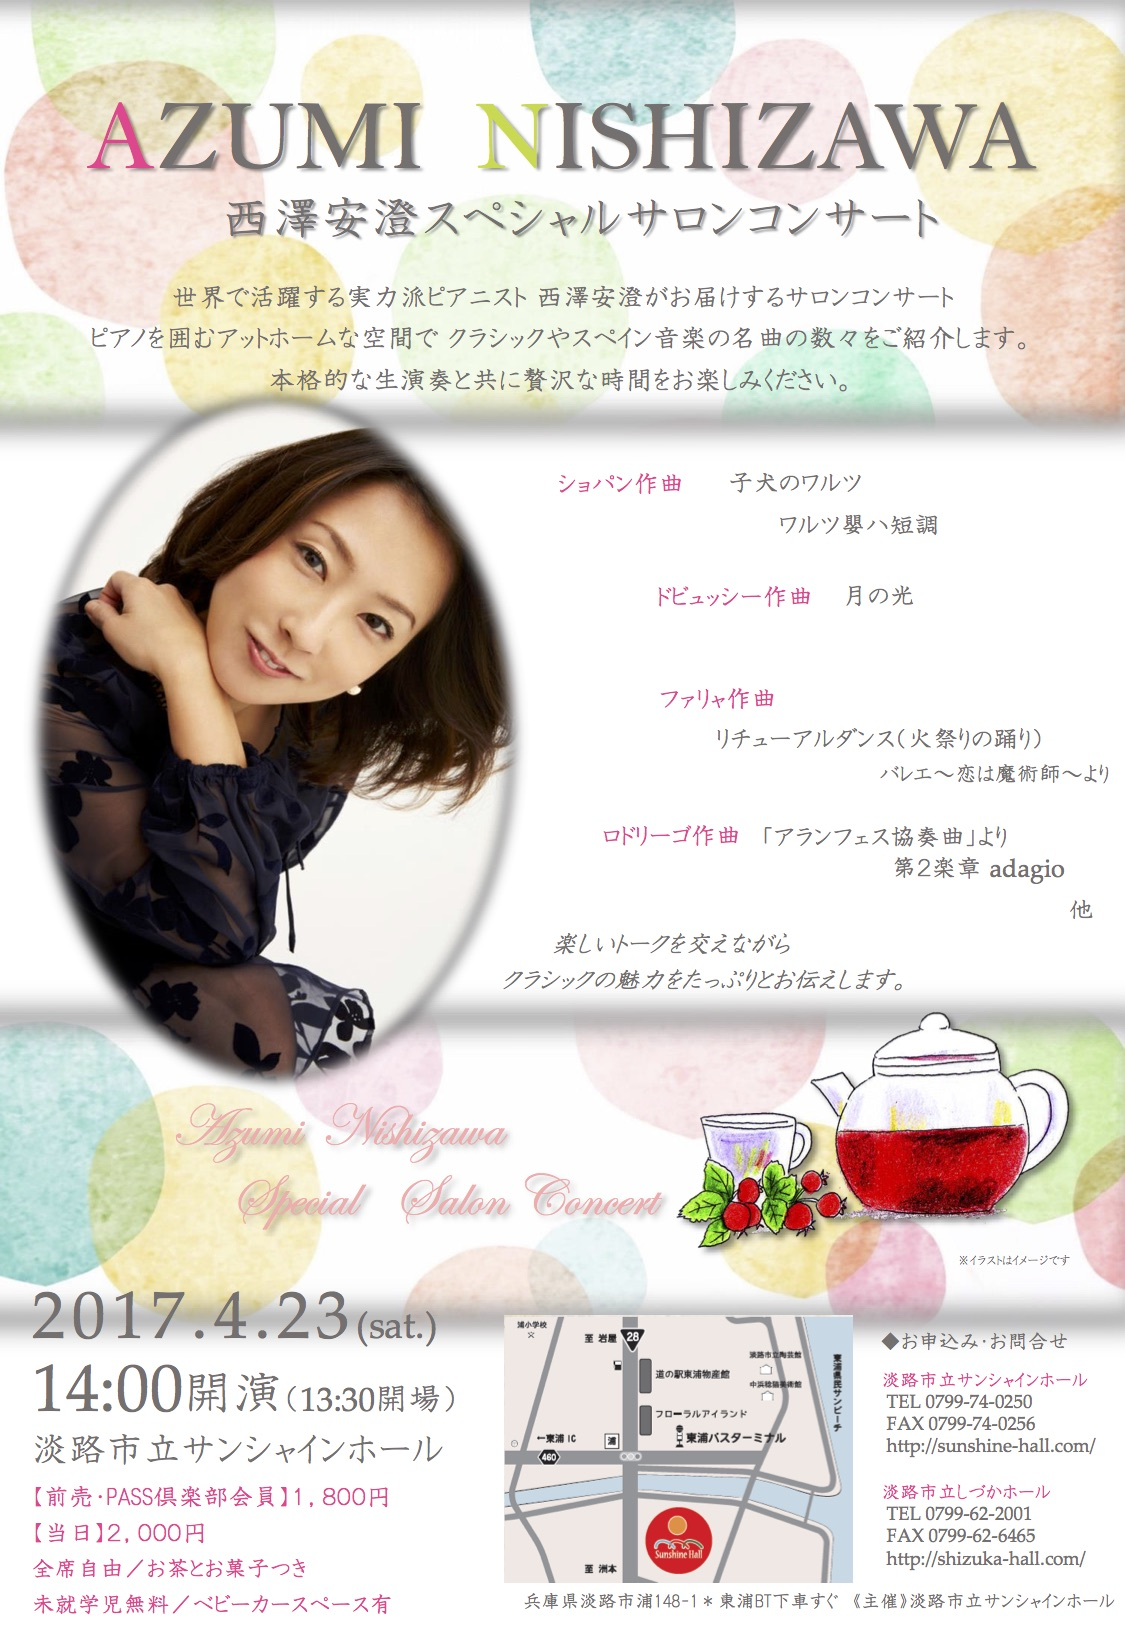 ????????? 澤さん公開ピアノワークショップ20170423